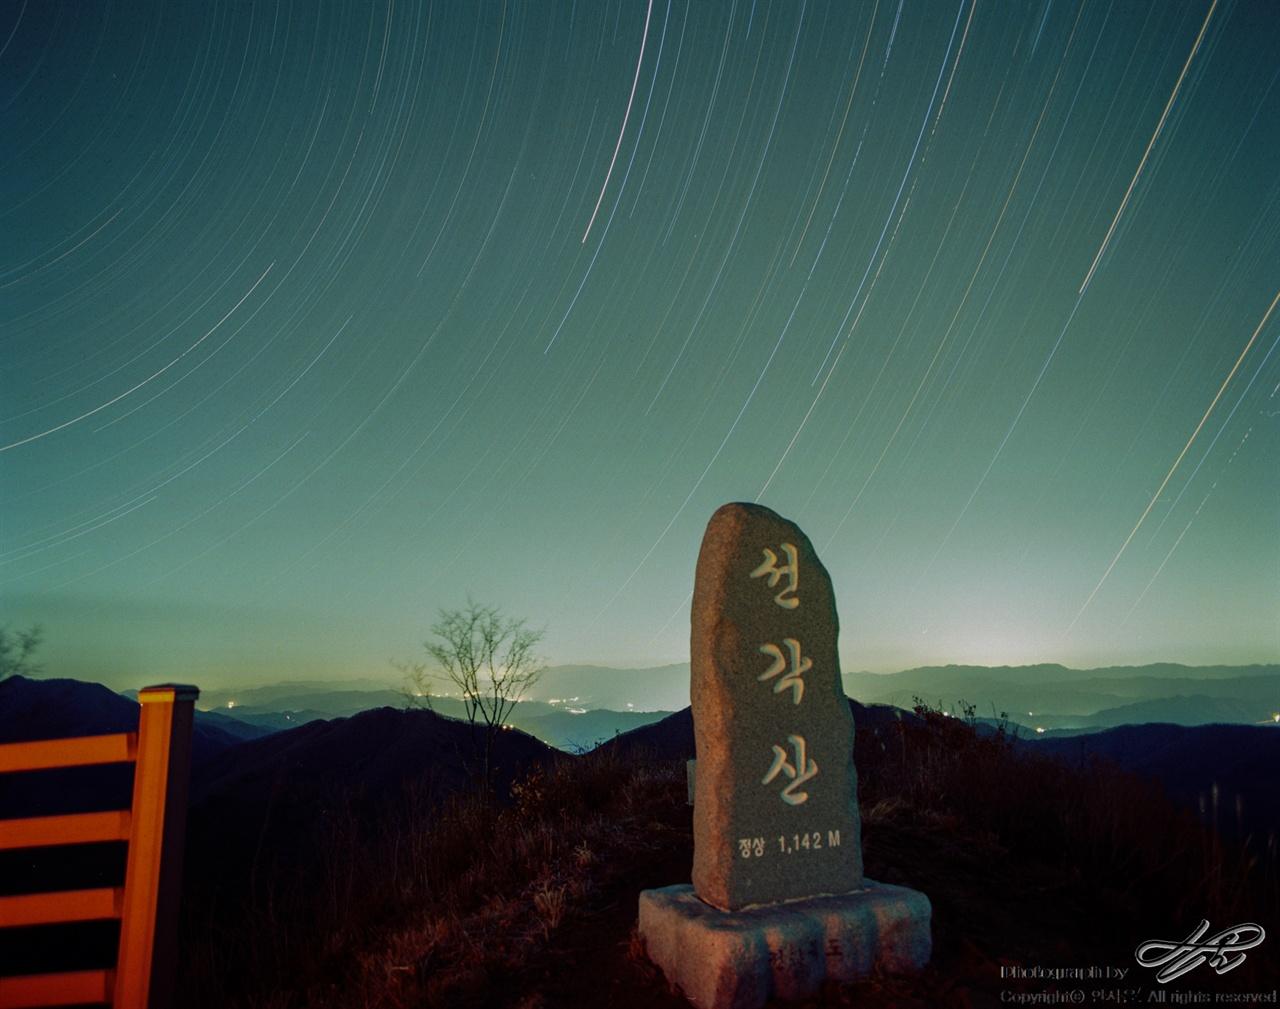 선각산과 별일주 (Portra800/F8/노출 4시간)별의 선이 끊어진 곳은 구름이 지나간 자리이다.